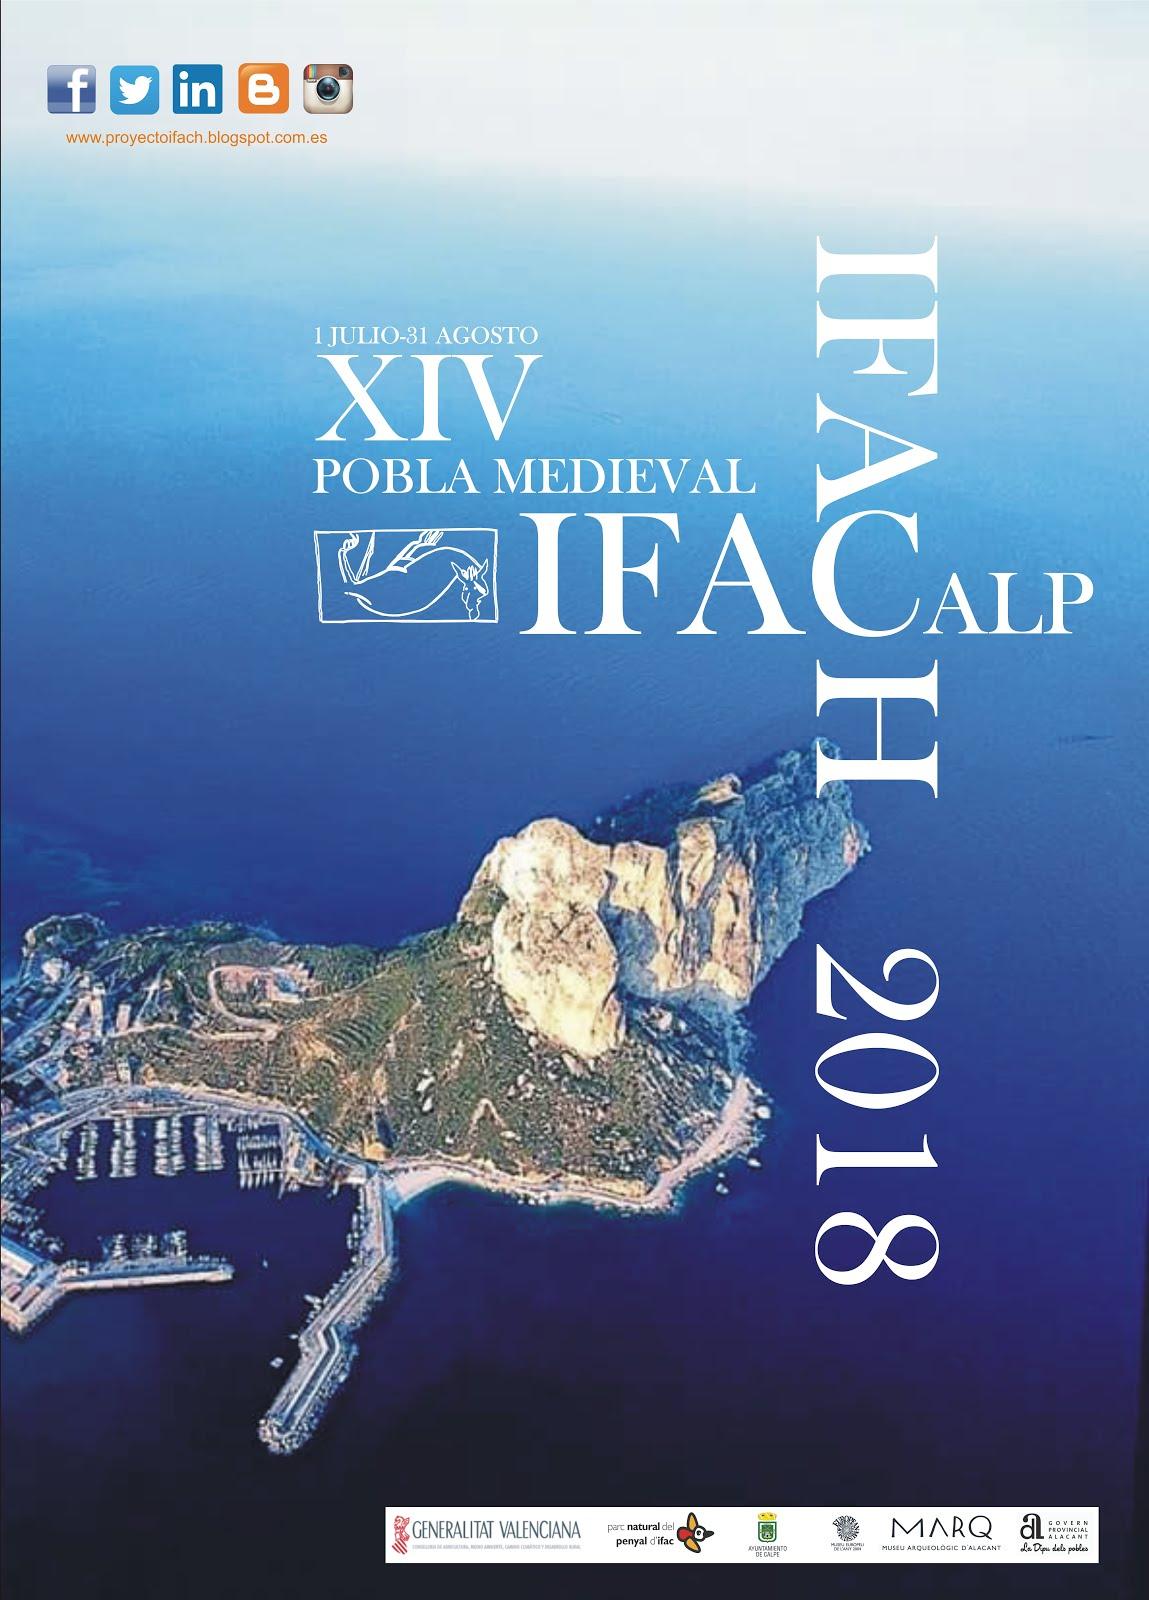 IFACH 2018